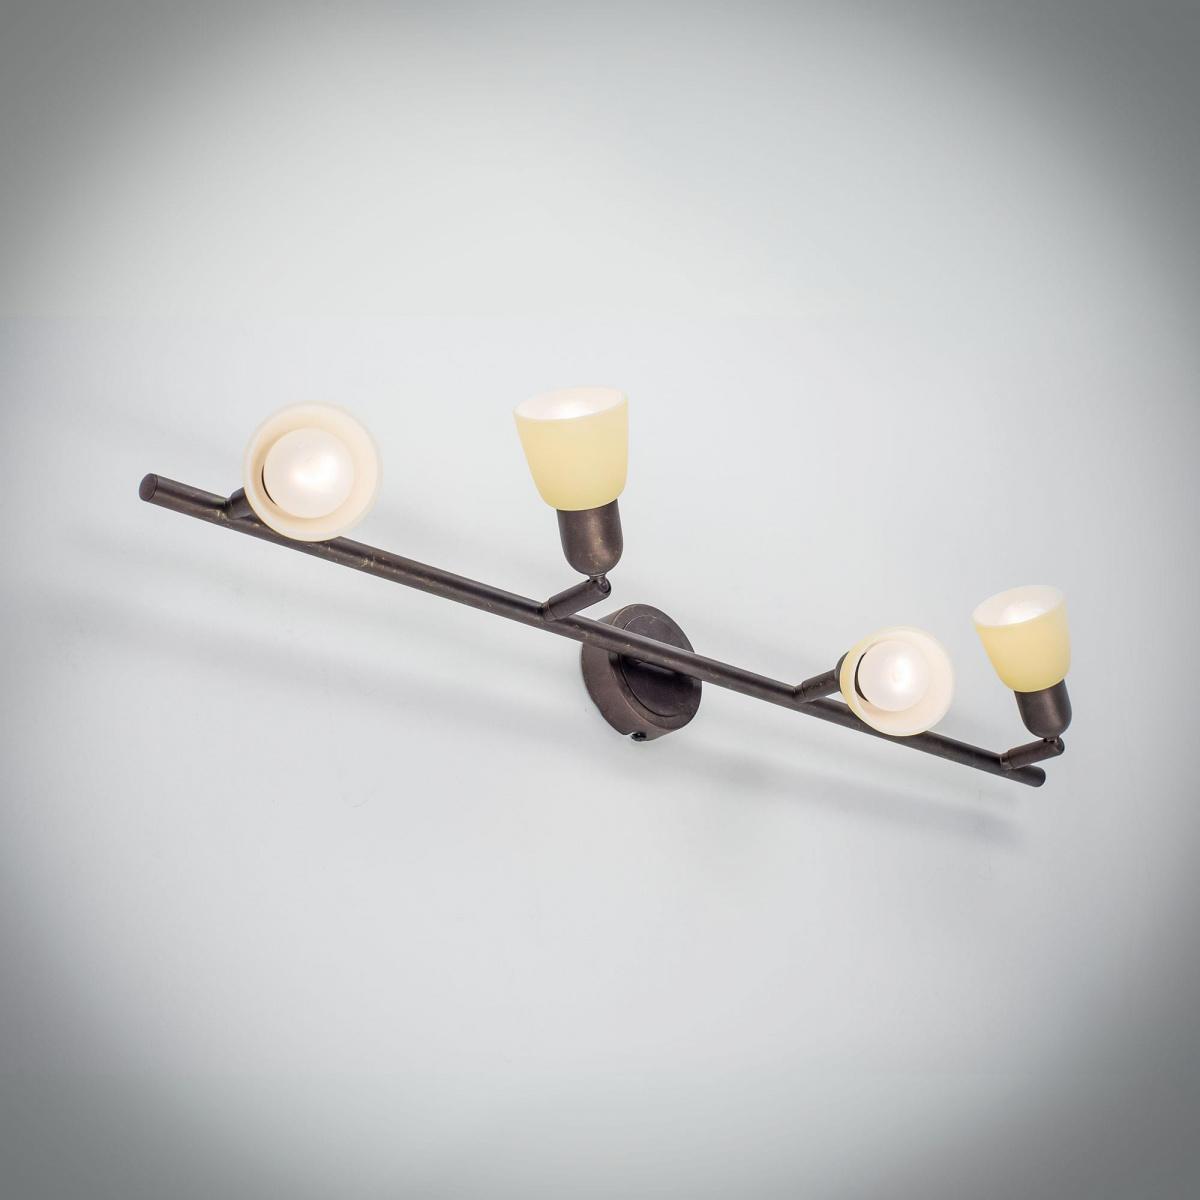 Потолочный светильник с регулировкой направления света Citilux Ронда CL506544, 4xE14x60W, коричневый, бежевый, металл, стекло - фото 5